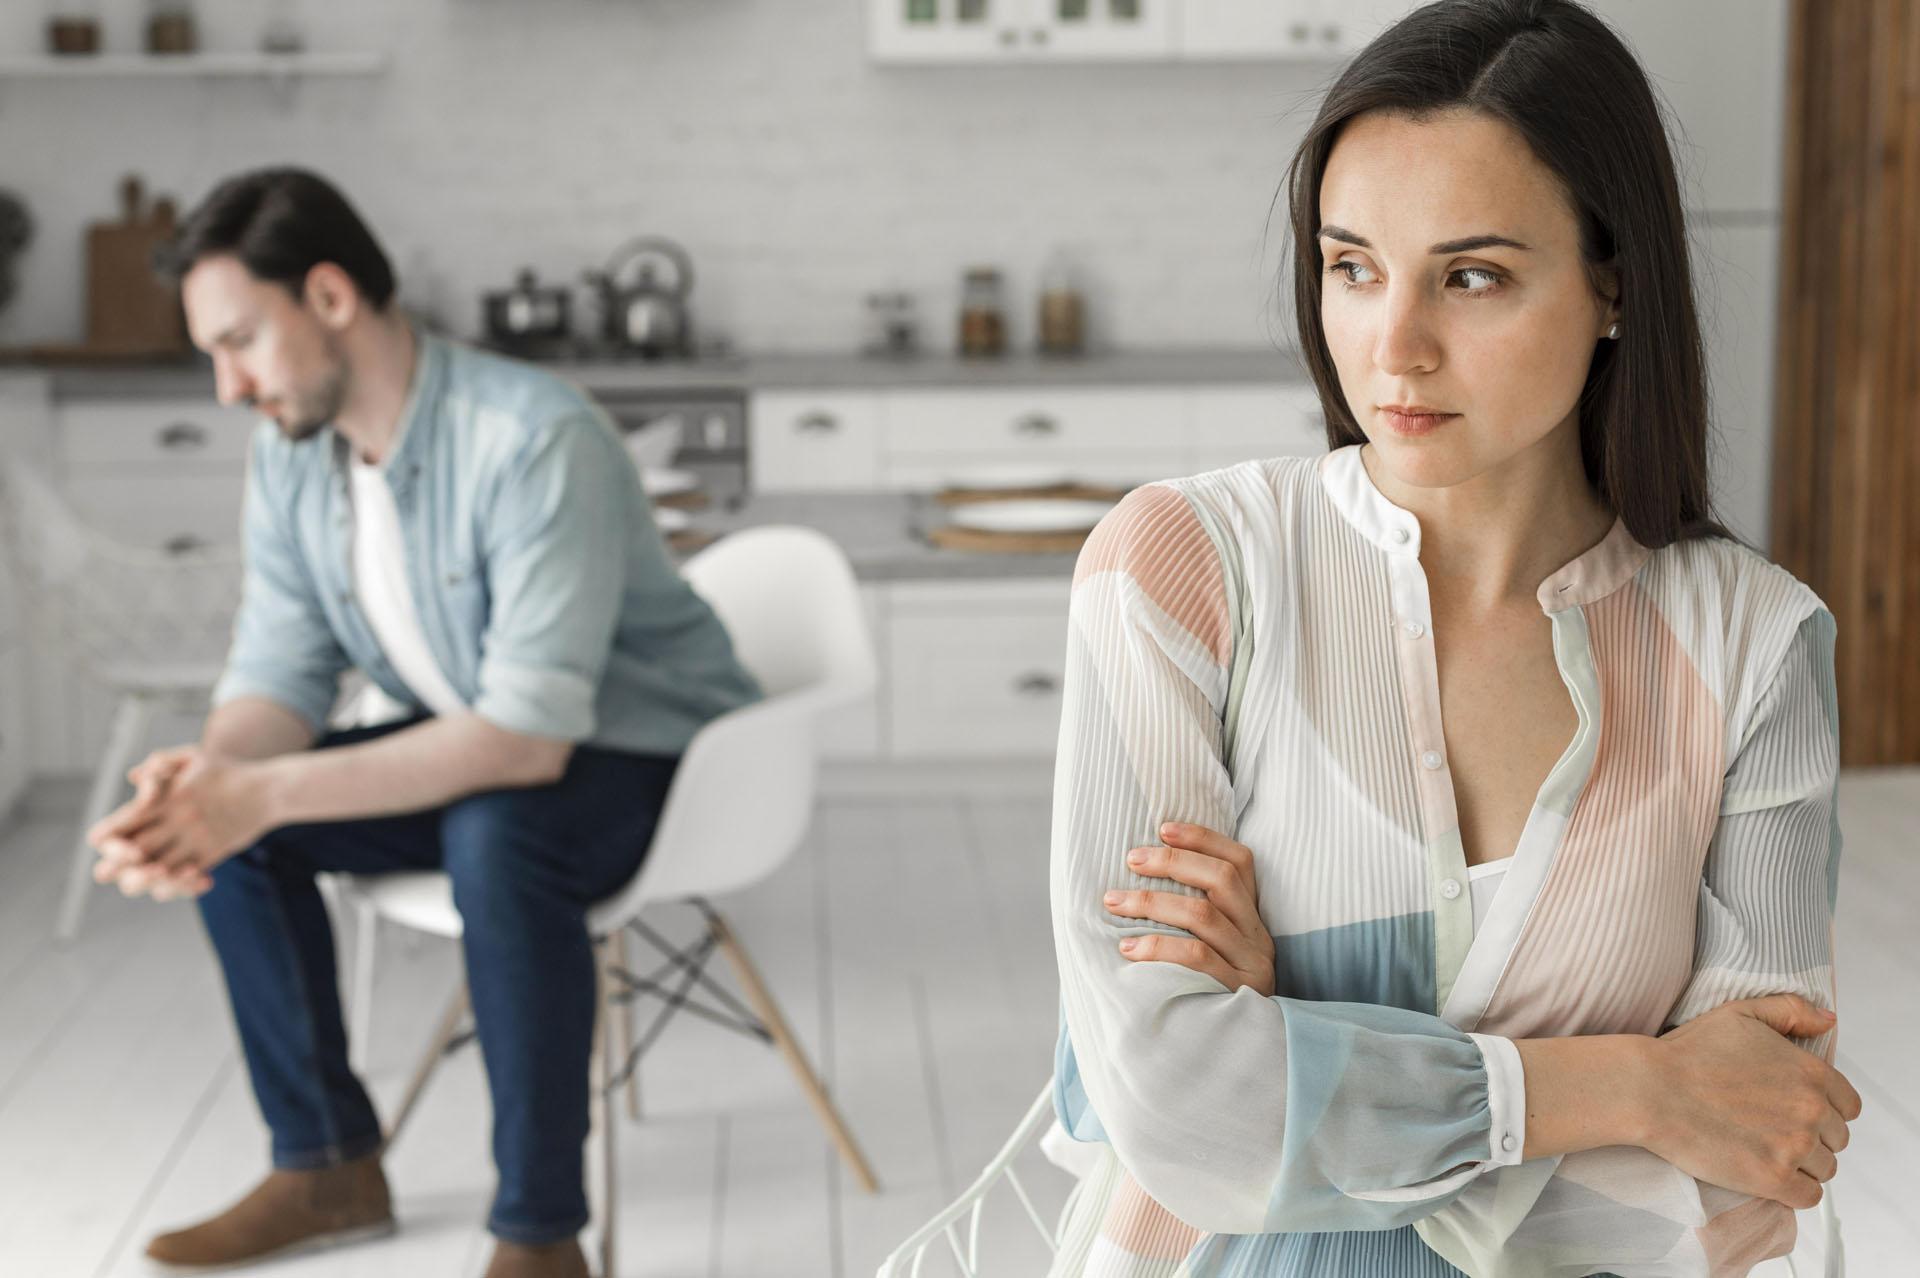 le silence du partenaire dans le couple